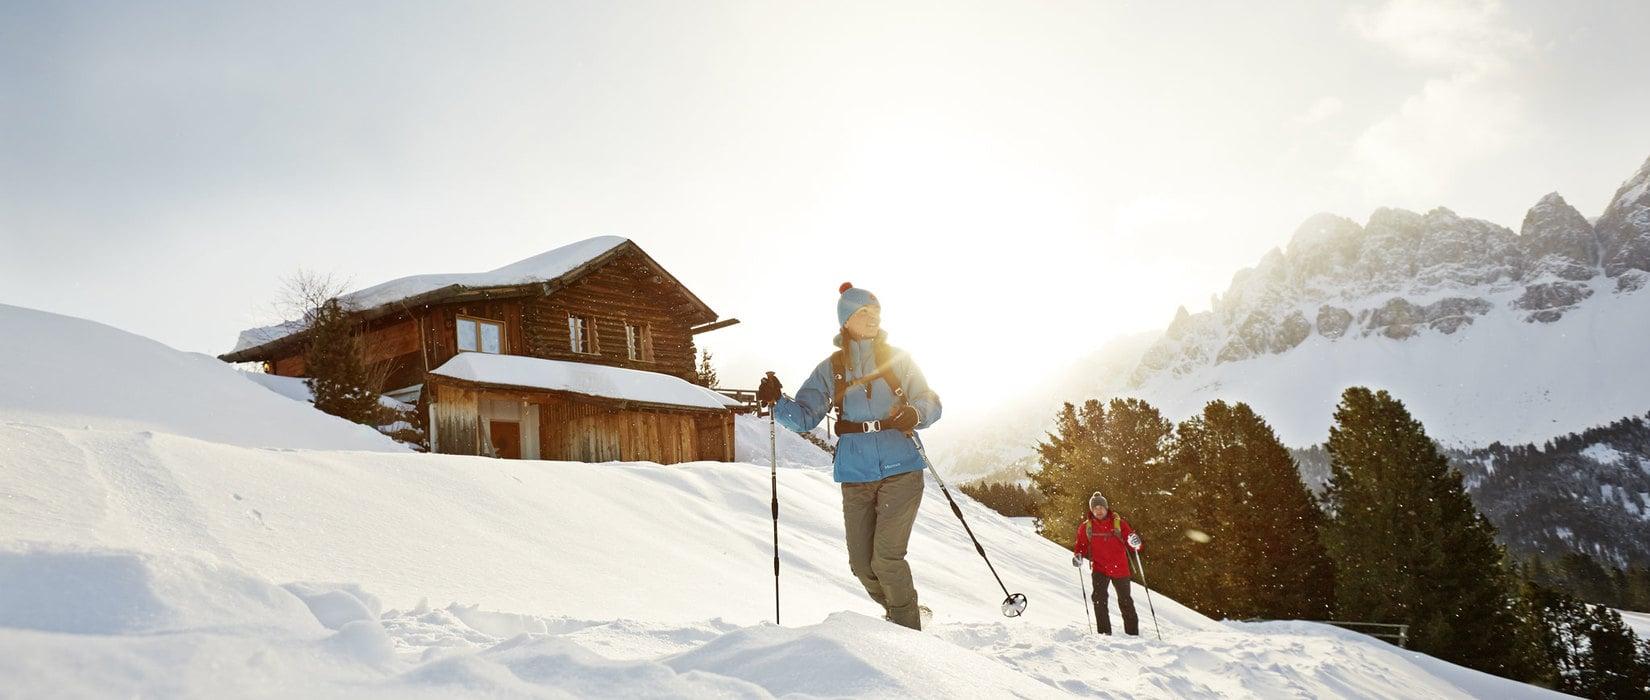 Kopie von Kopie von Kopie von Kopie von Montagna e benessere - i Vostri wellness hotel in Alto Adige